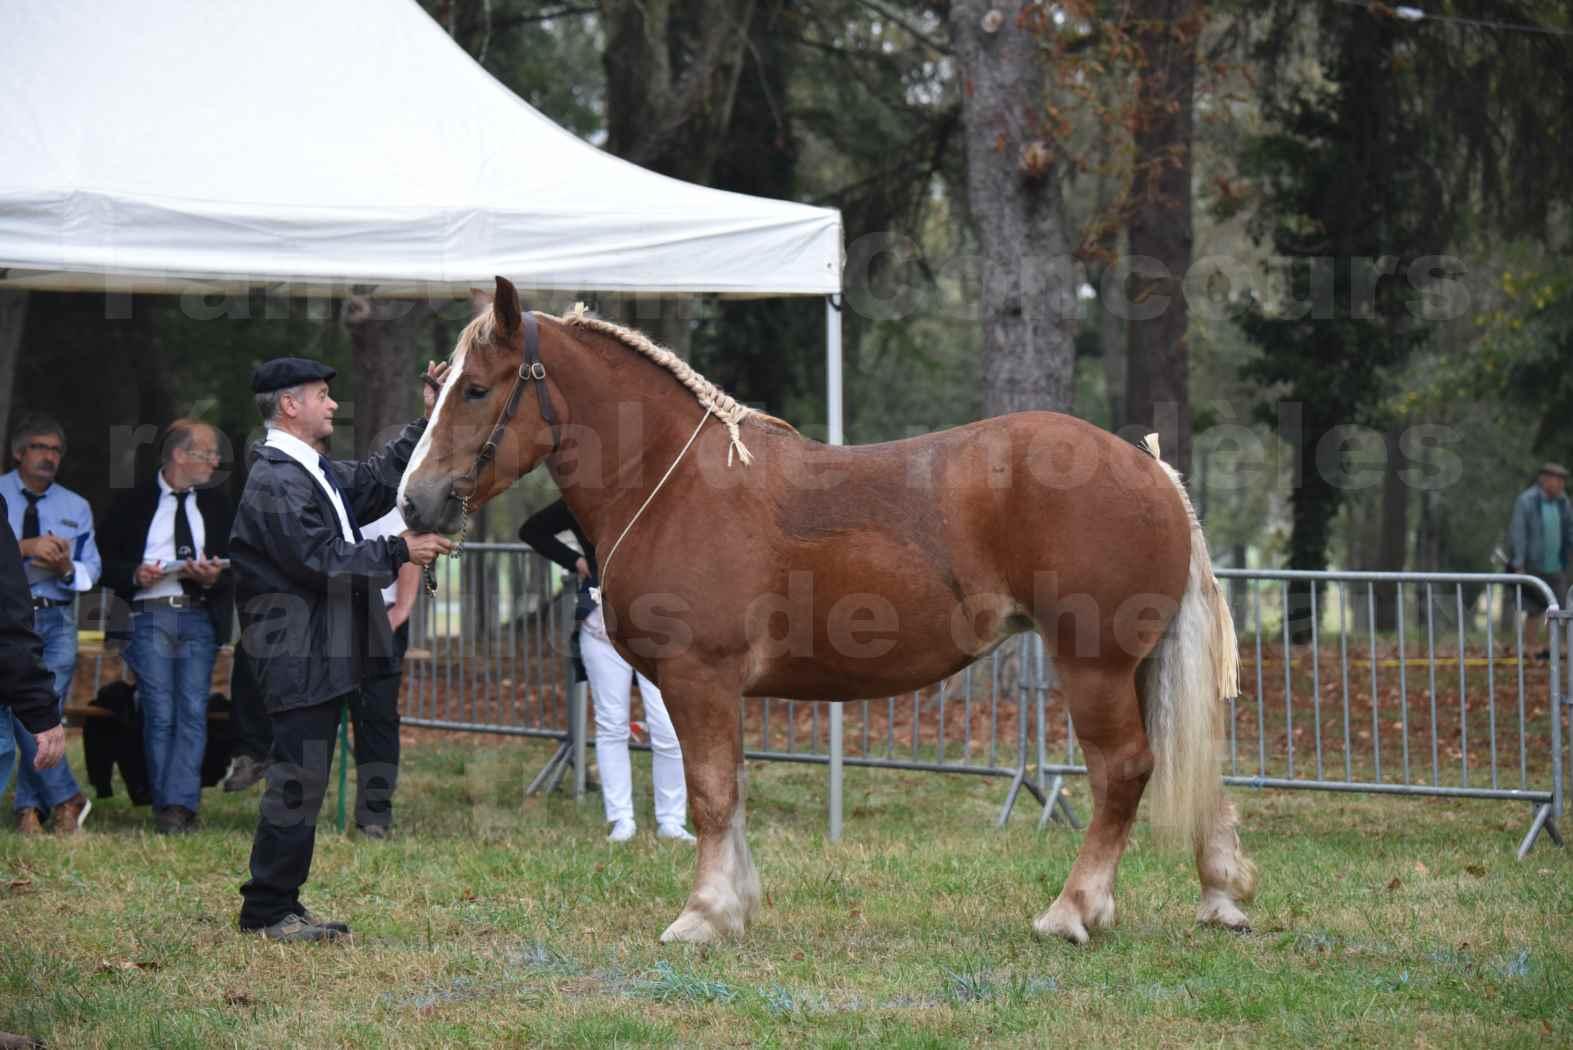 Concours Régional de chevaux de traits en 2017 - Trait BRETON - FLO DE LA MARGUE - 06